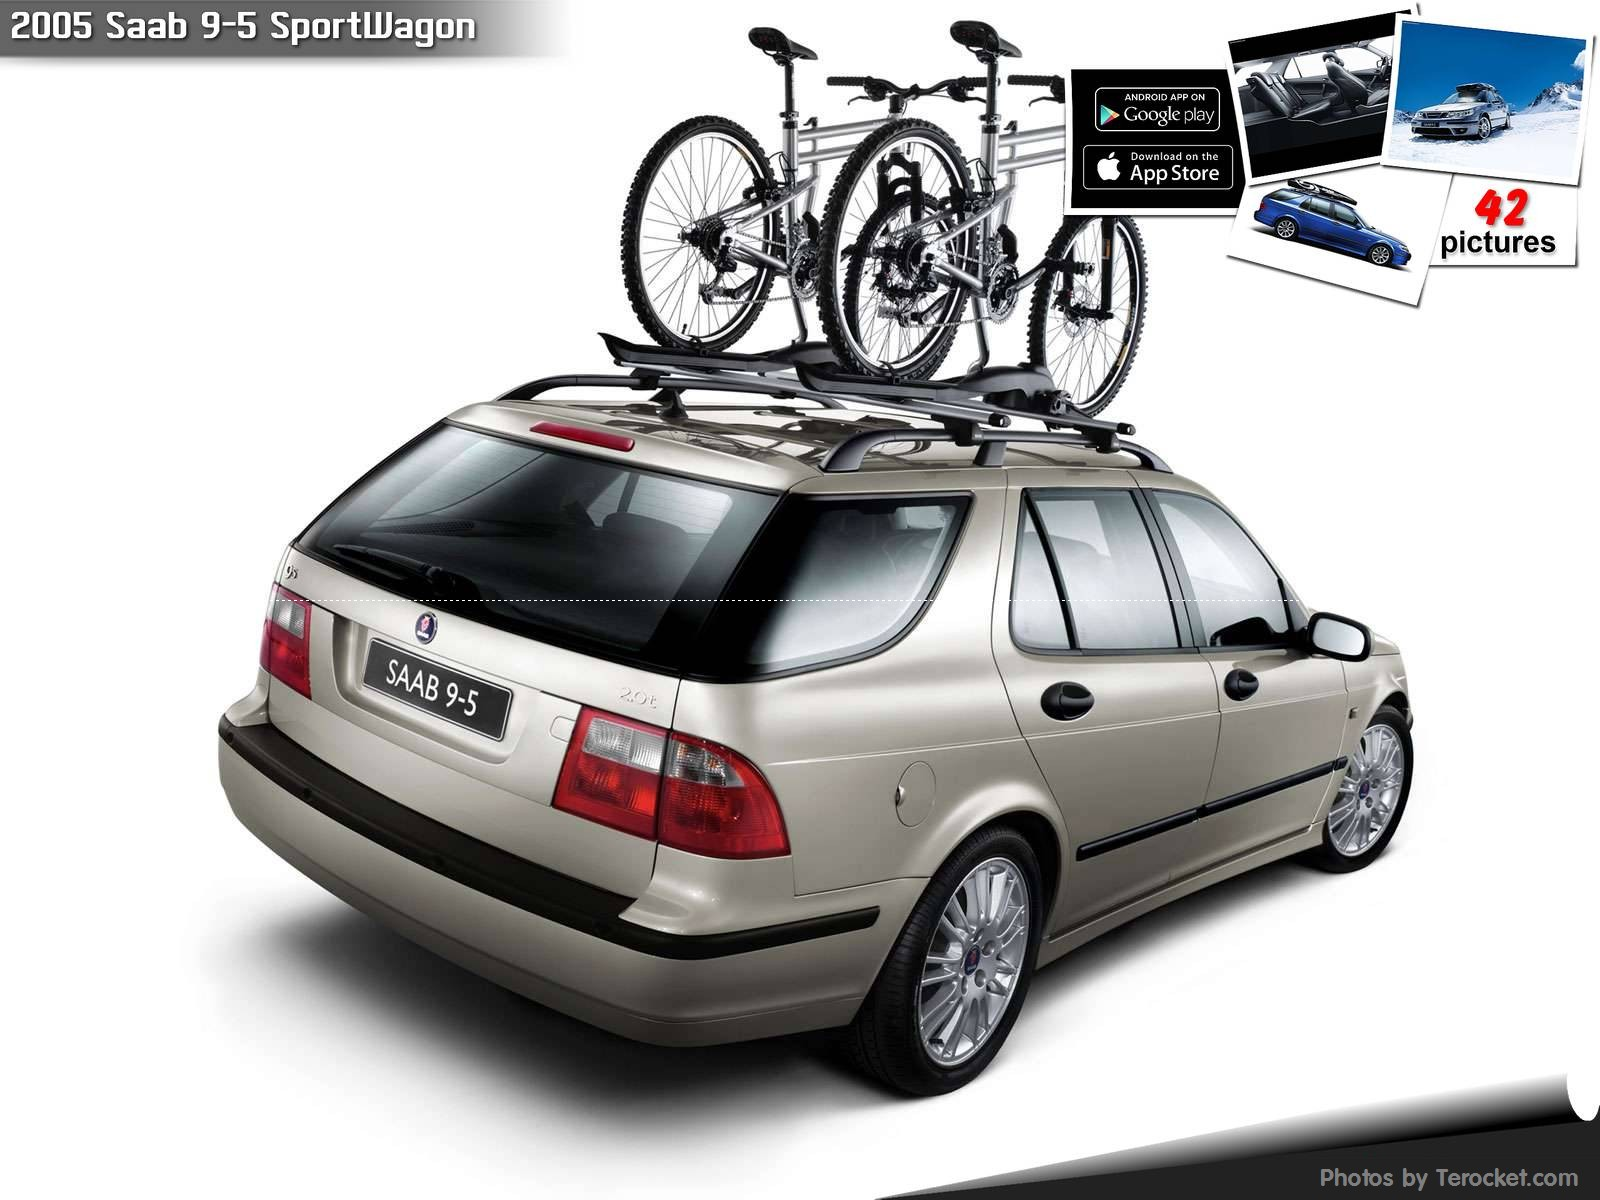 Hình ảnh xe ô tô Saab 9-5 SportWagon 2005 & nội ngoại thất